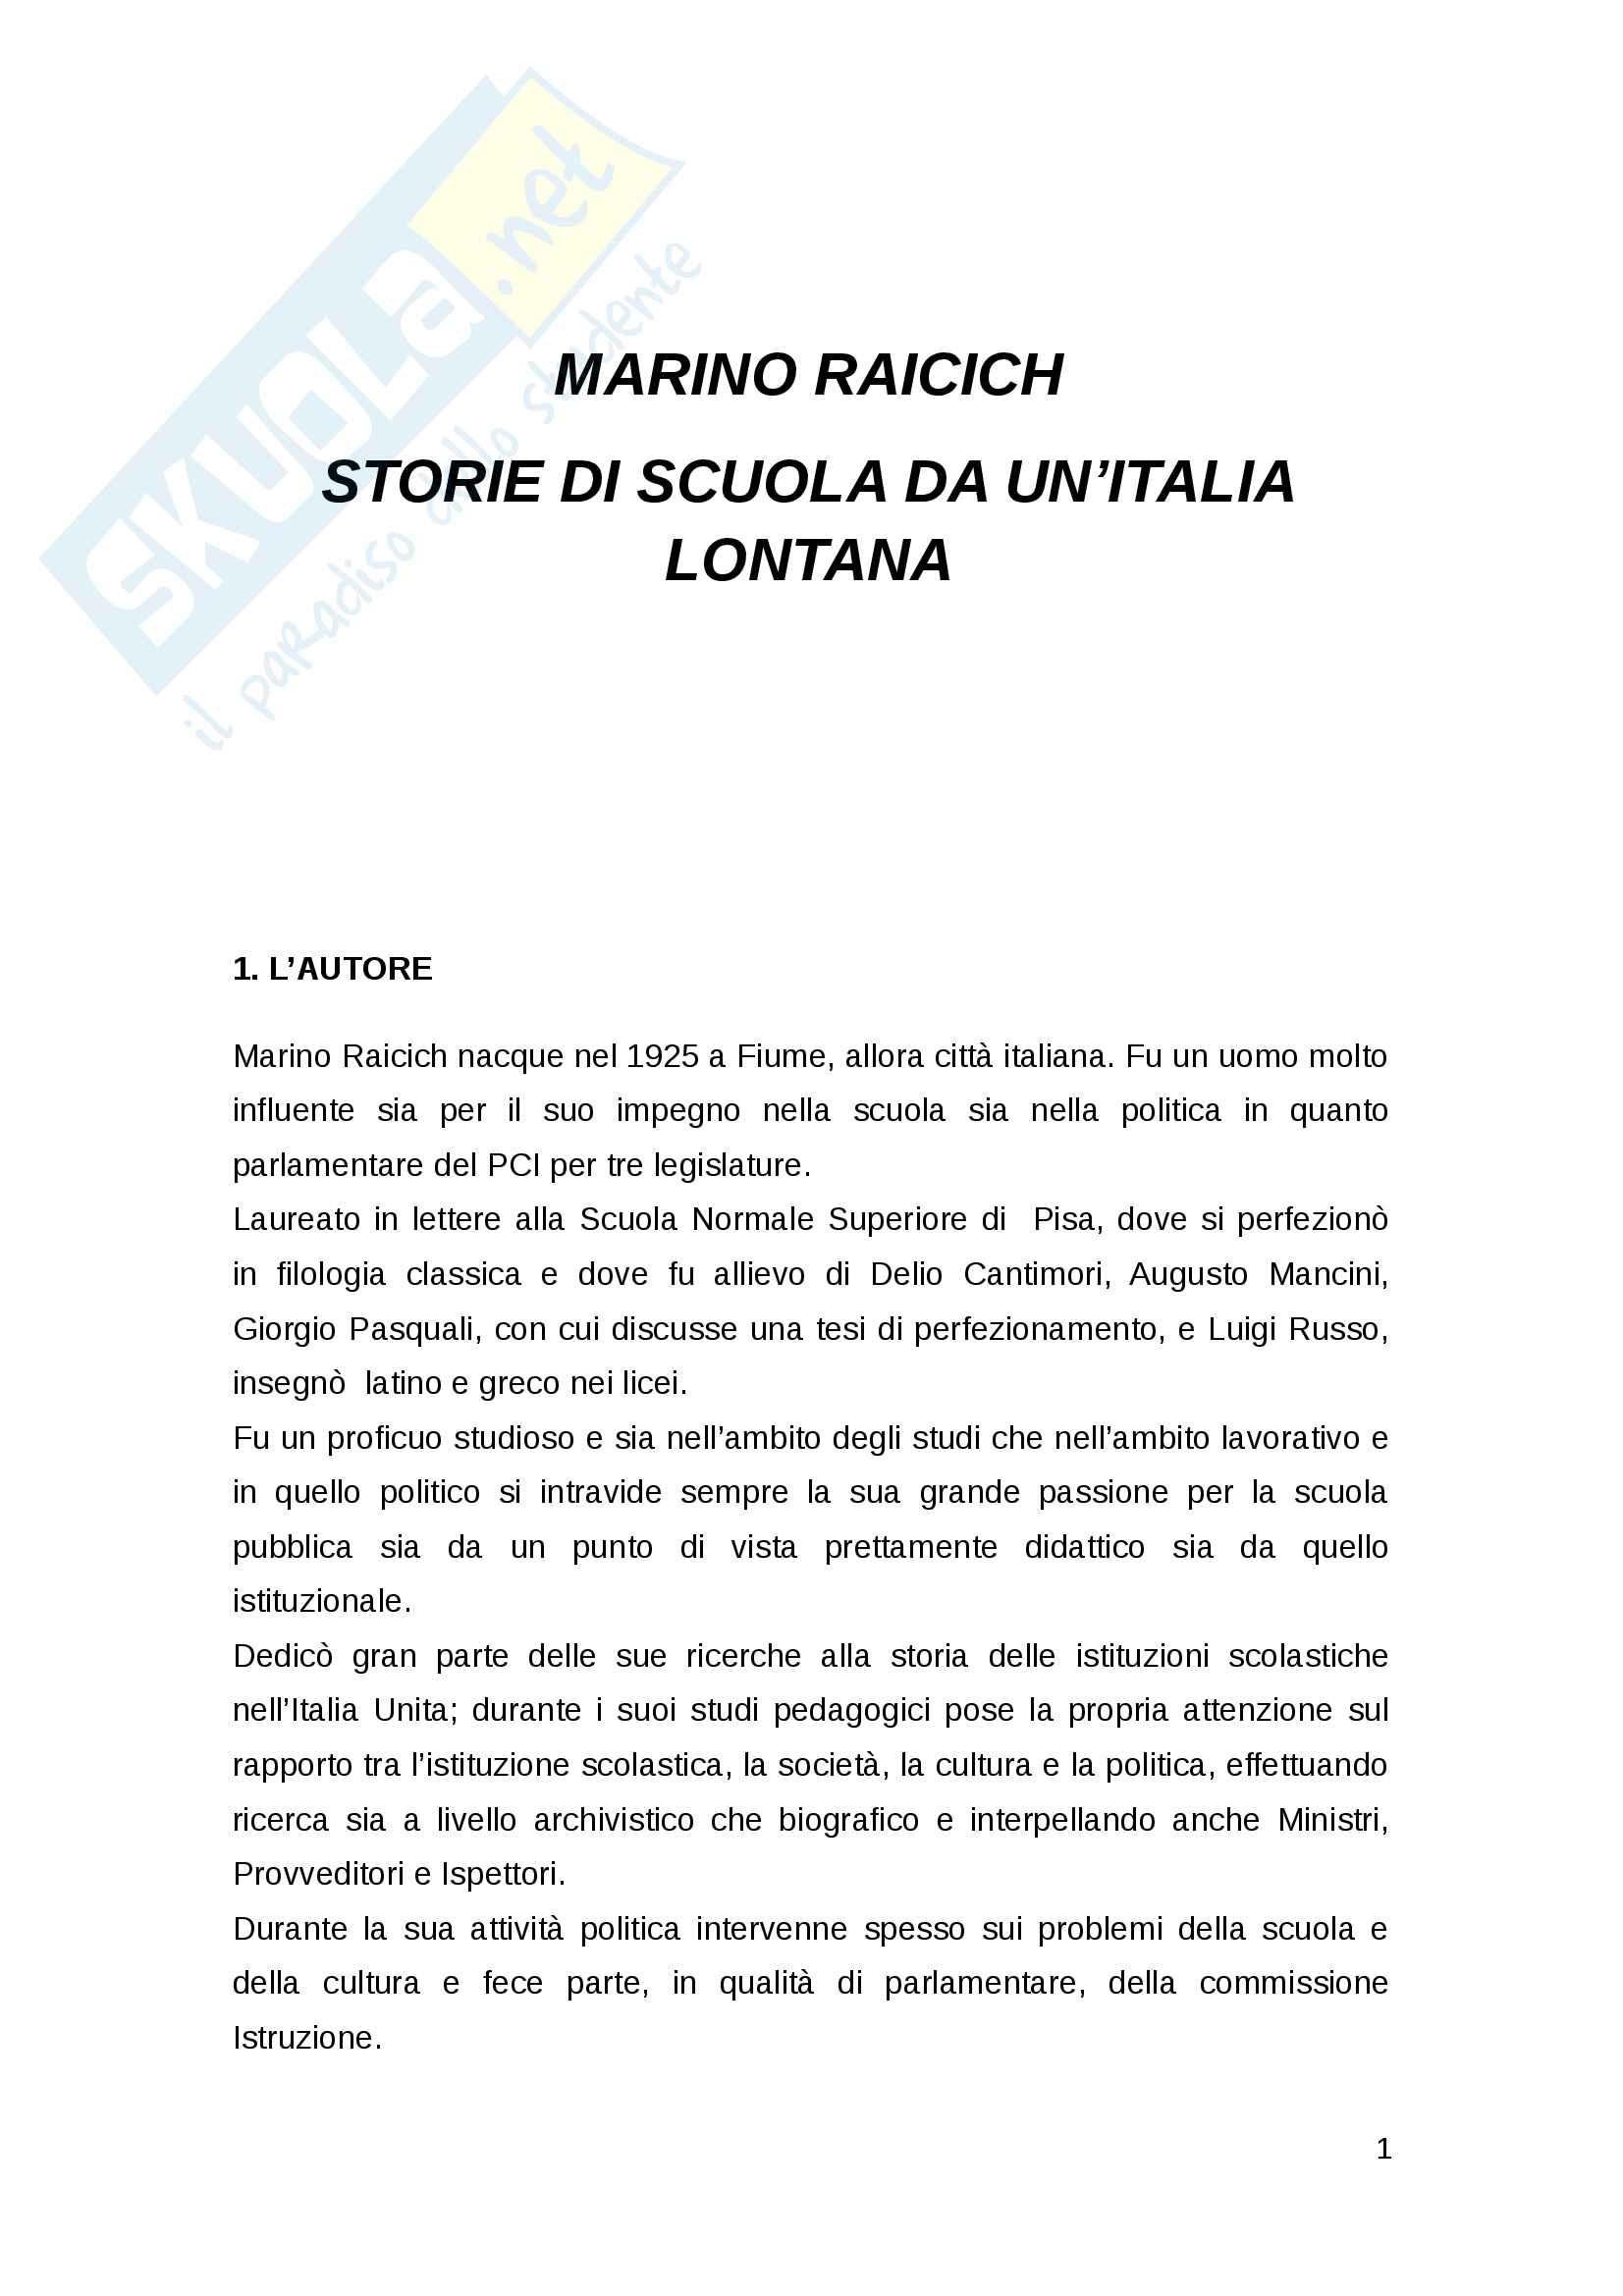 Marino Raicich, Storie di scuola da un'Italia lontana. Analisi personale del testo.